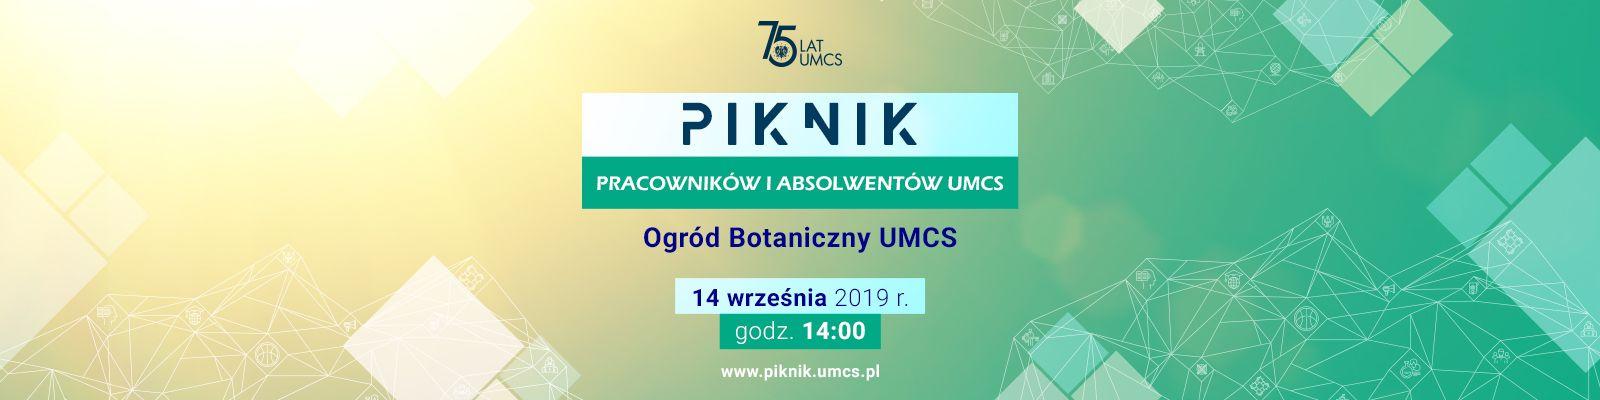 Zapraszamy na Piknik Pracowników i Absolwentów UMCS 2019